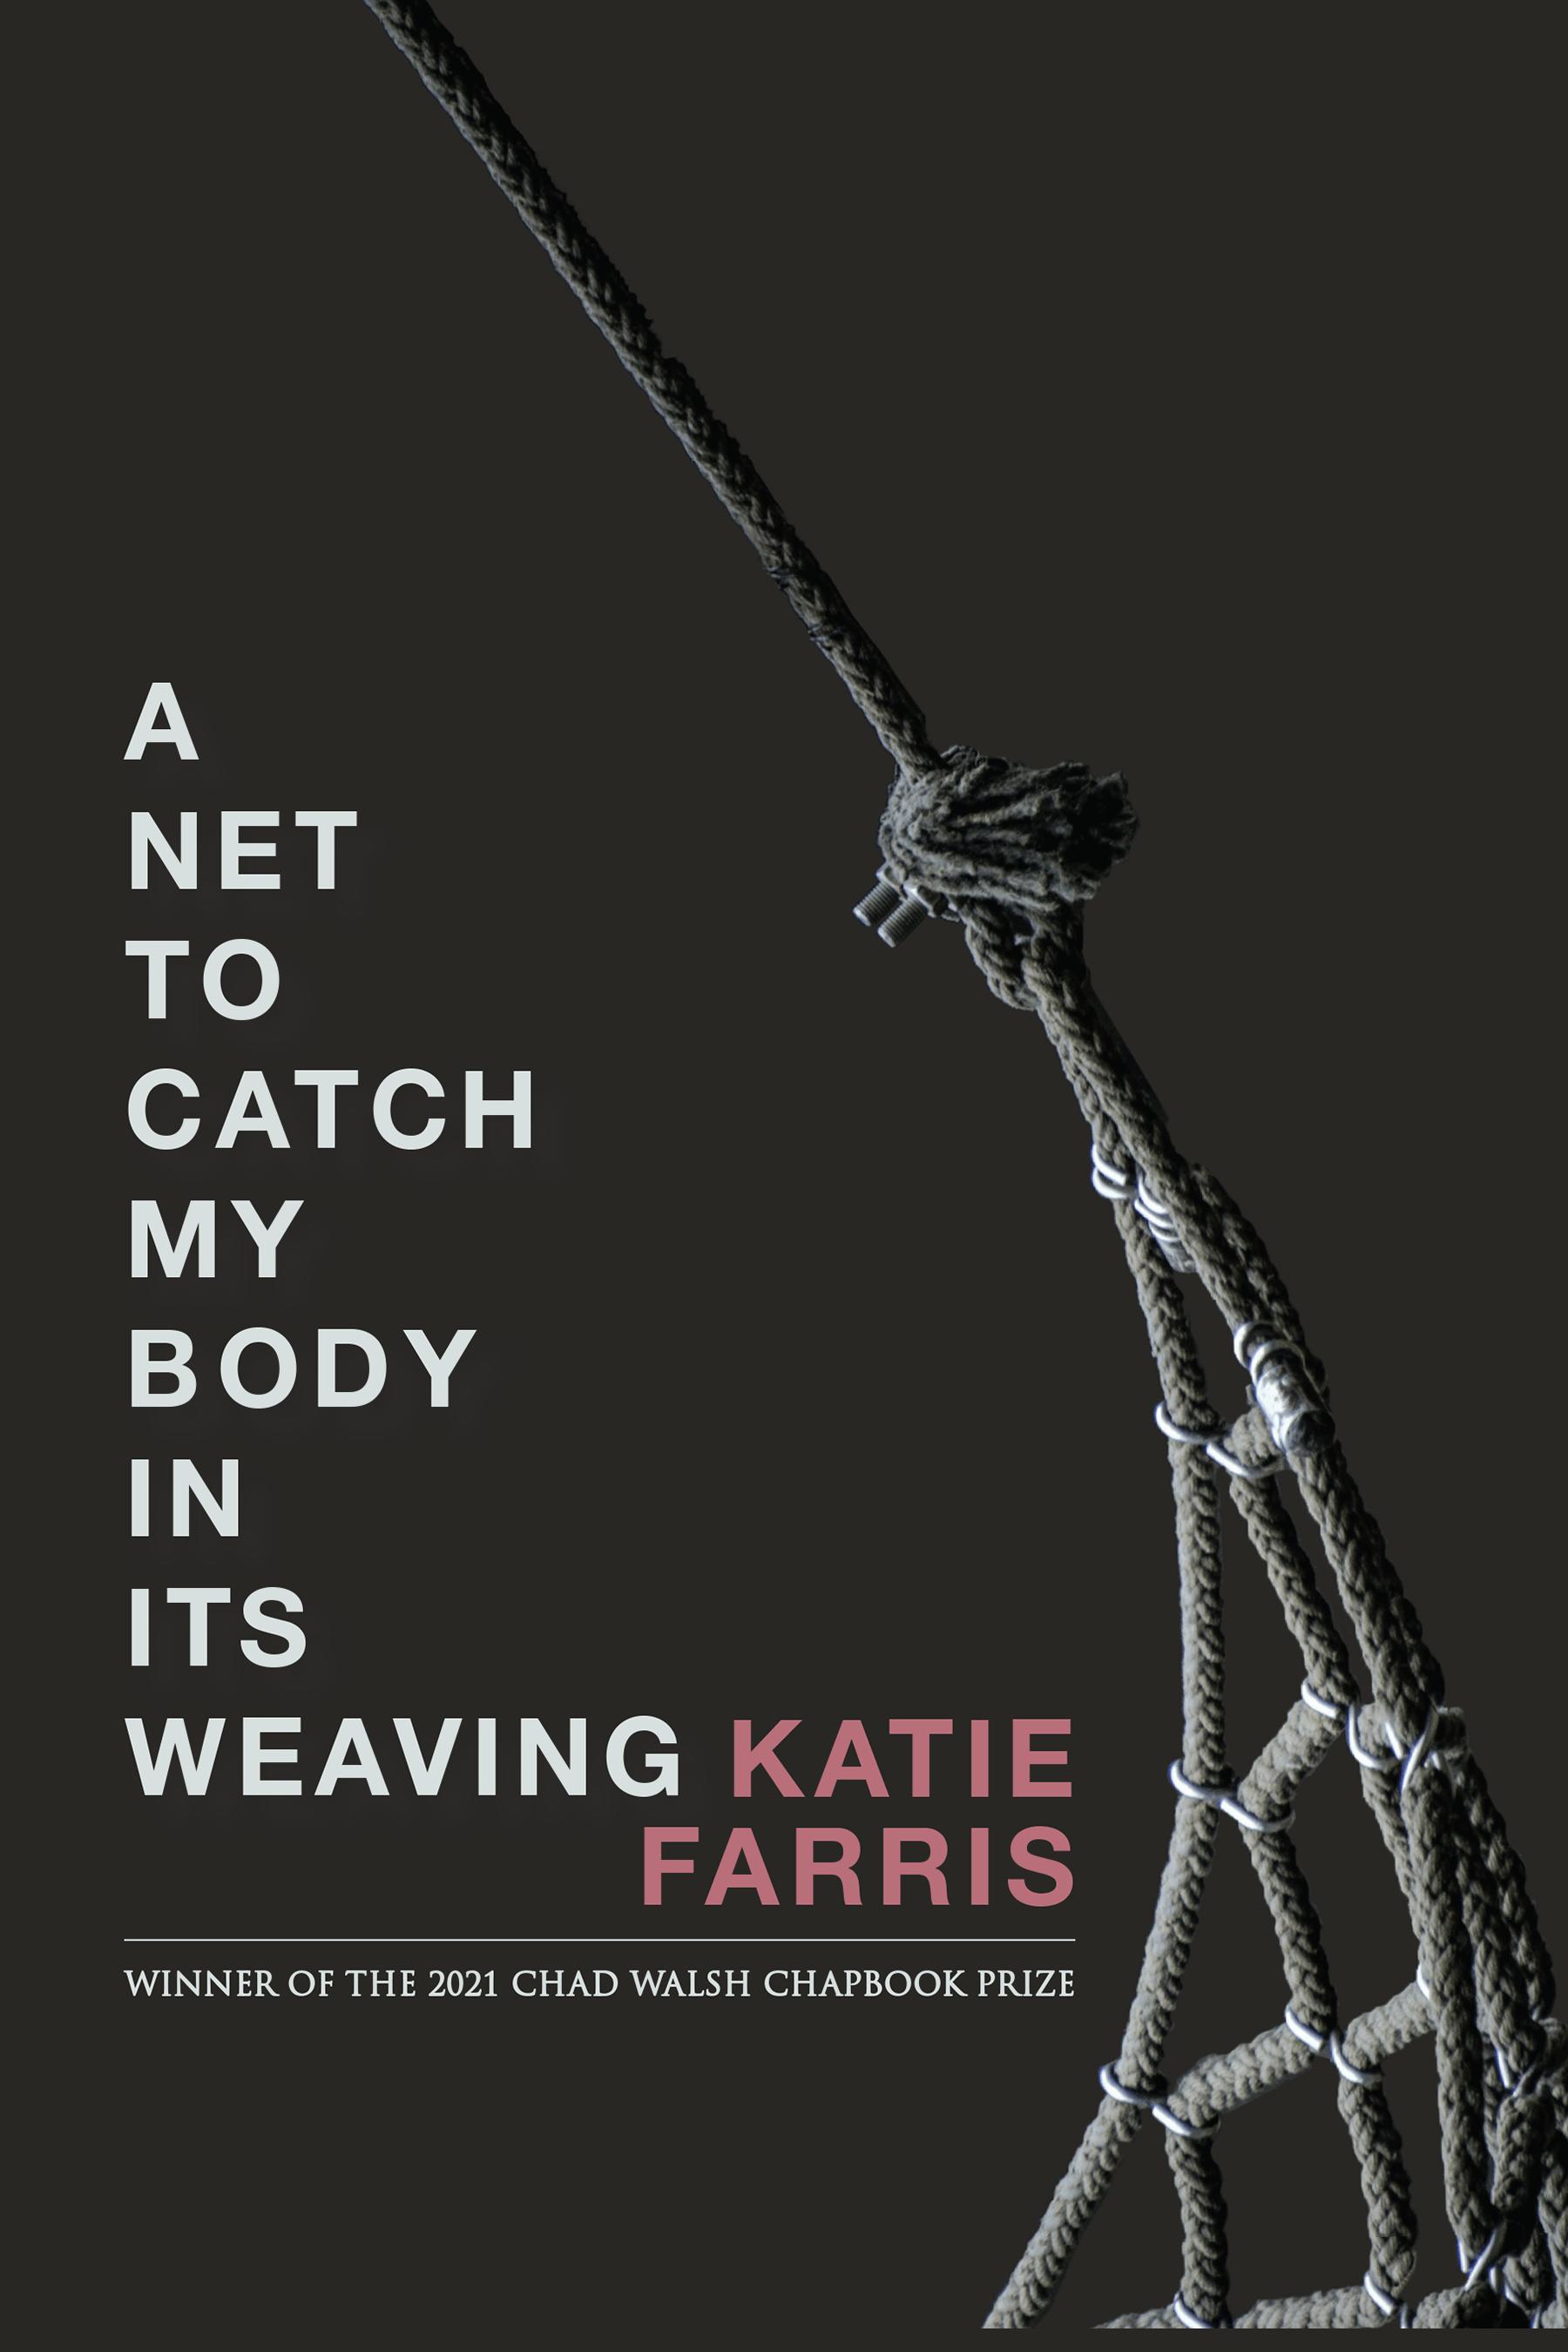 A Net to Catch my Body in its Weaving by Katie Ferris